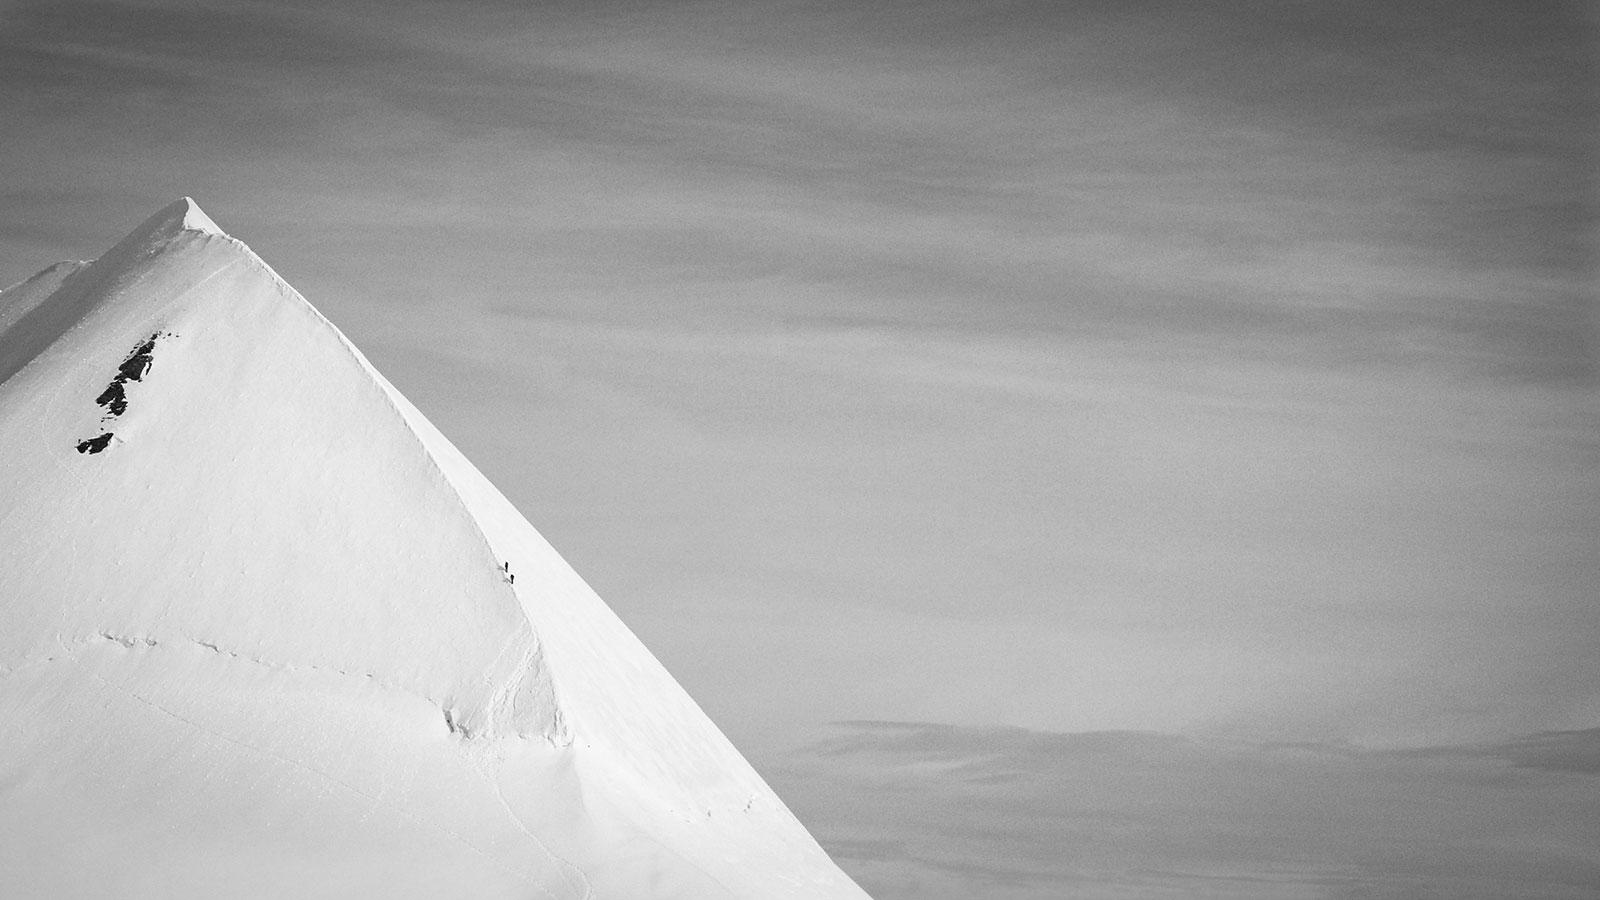 Aufstieg Lyskamm. Bergsteigen | Pauli Trenkwalder, Berge & Psychologie